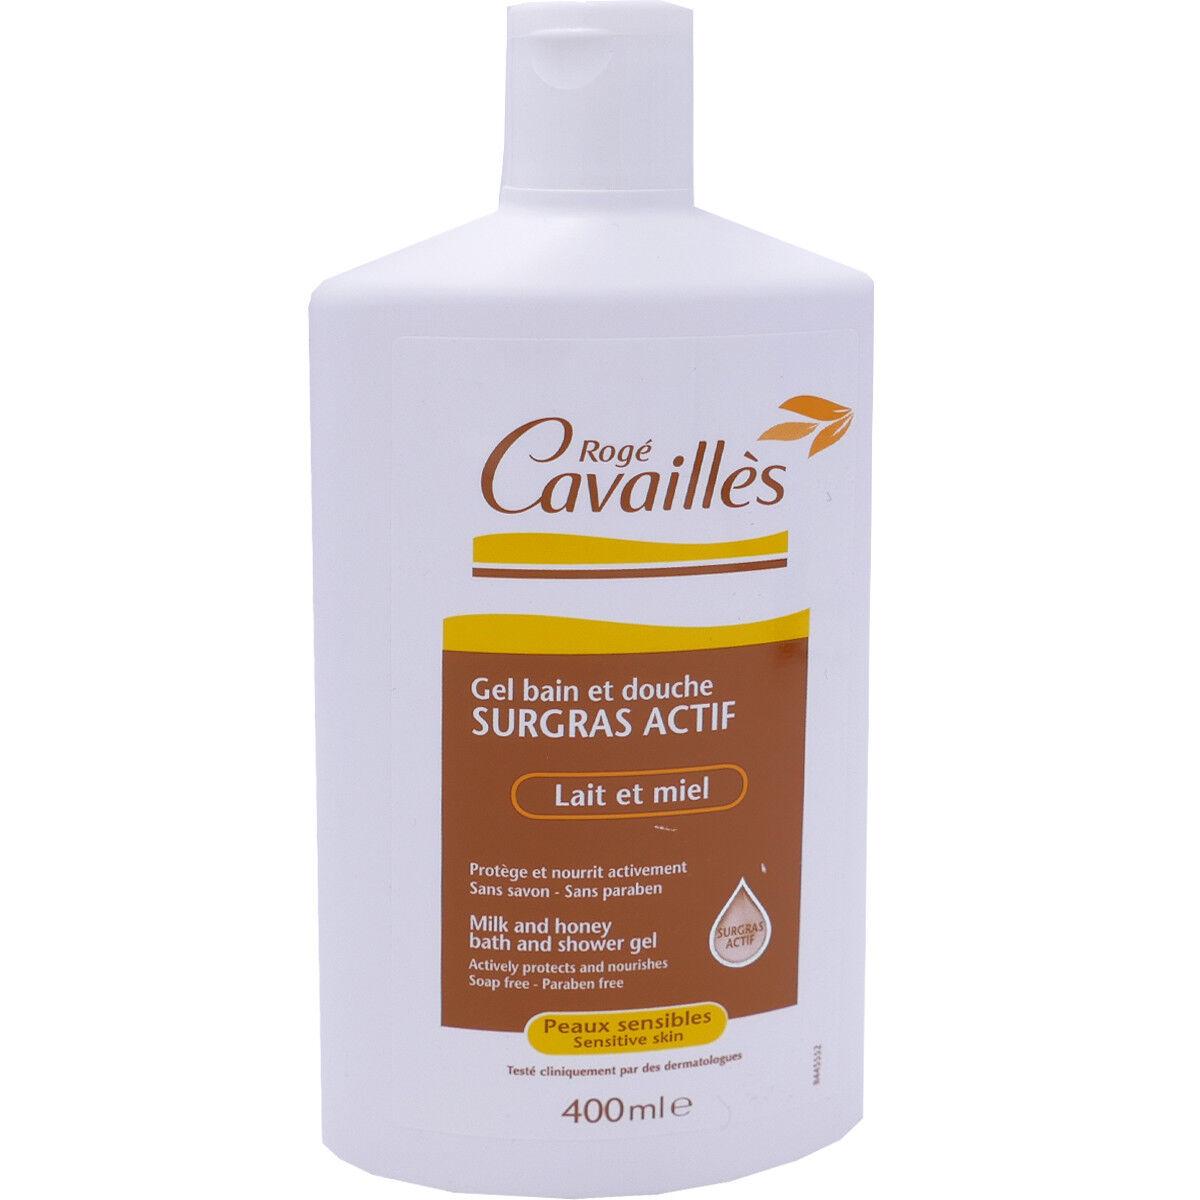 Roge cavailles gel douche surgras actif lait et miel 400 ml